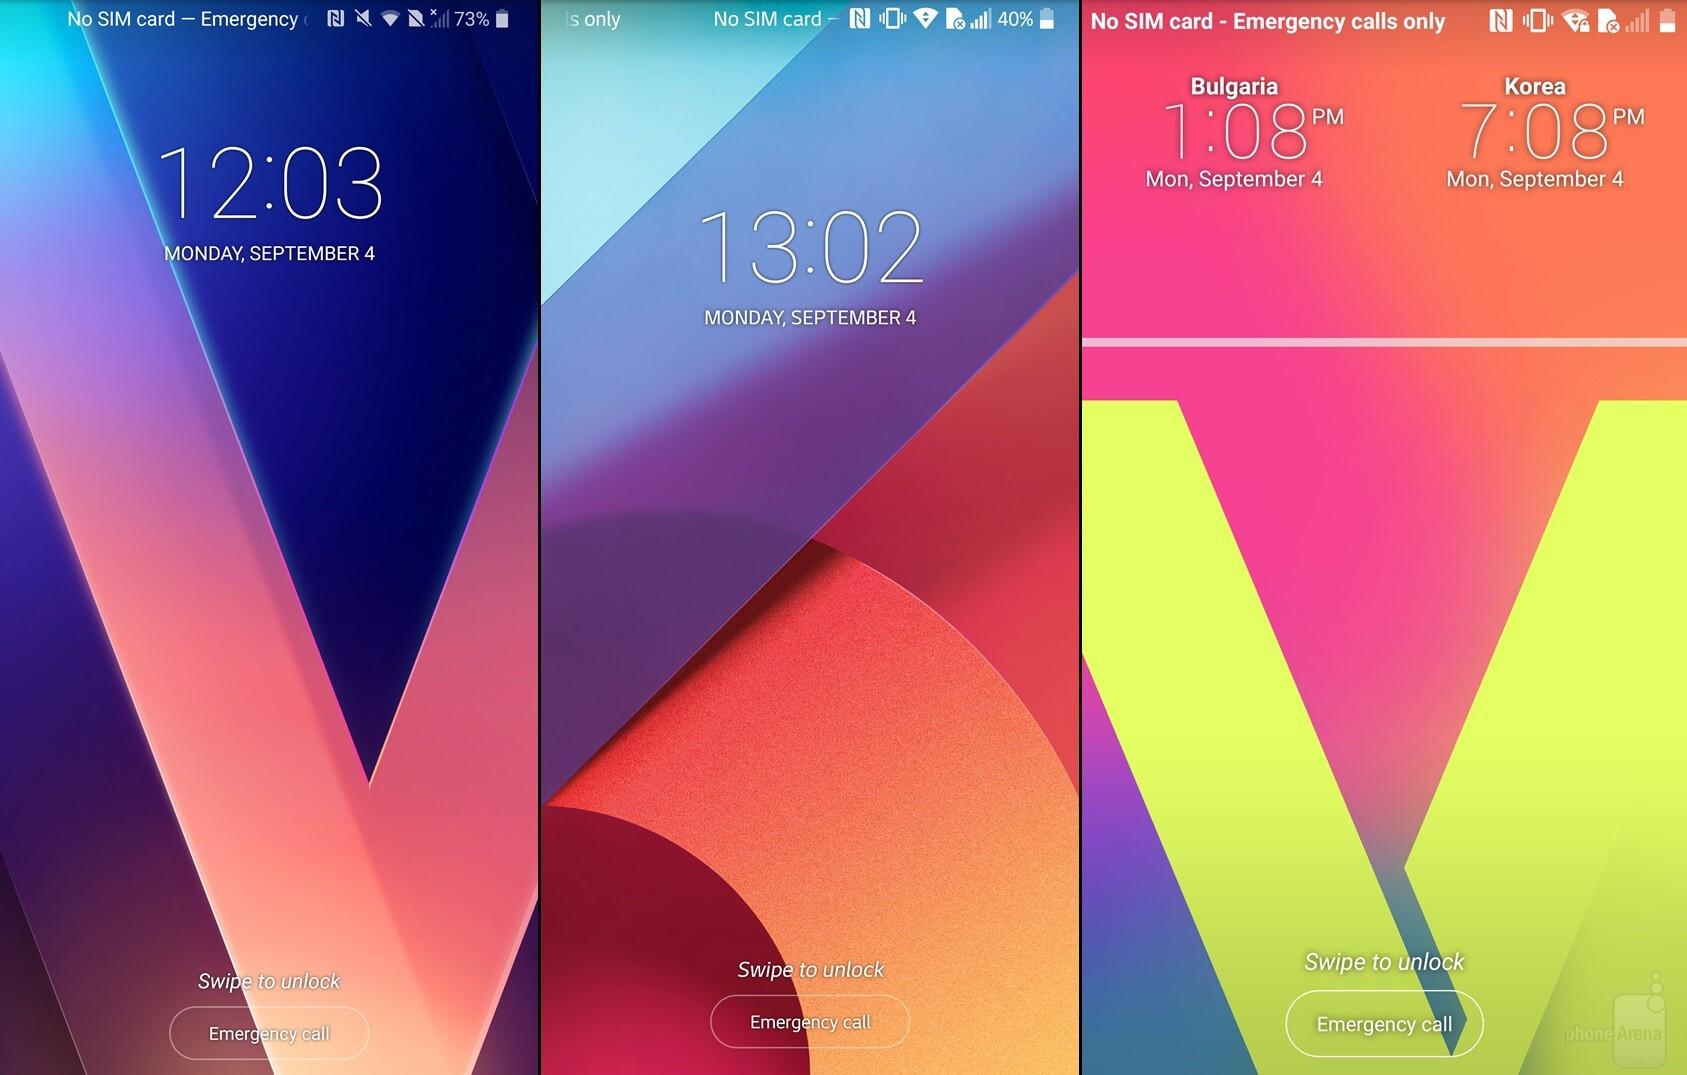 V30 (left), G6 (middle), V20 (right)